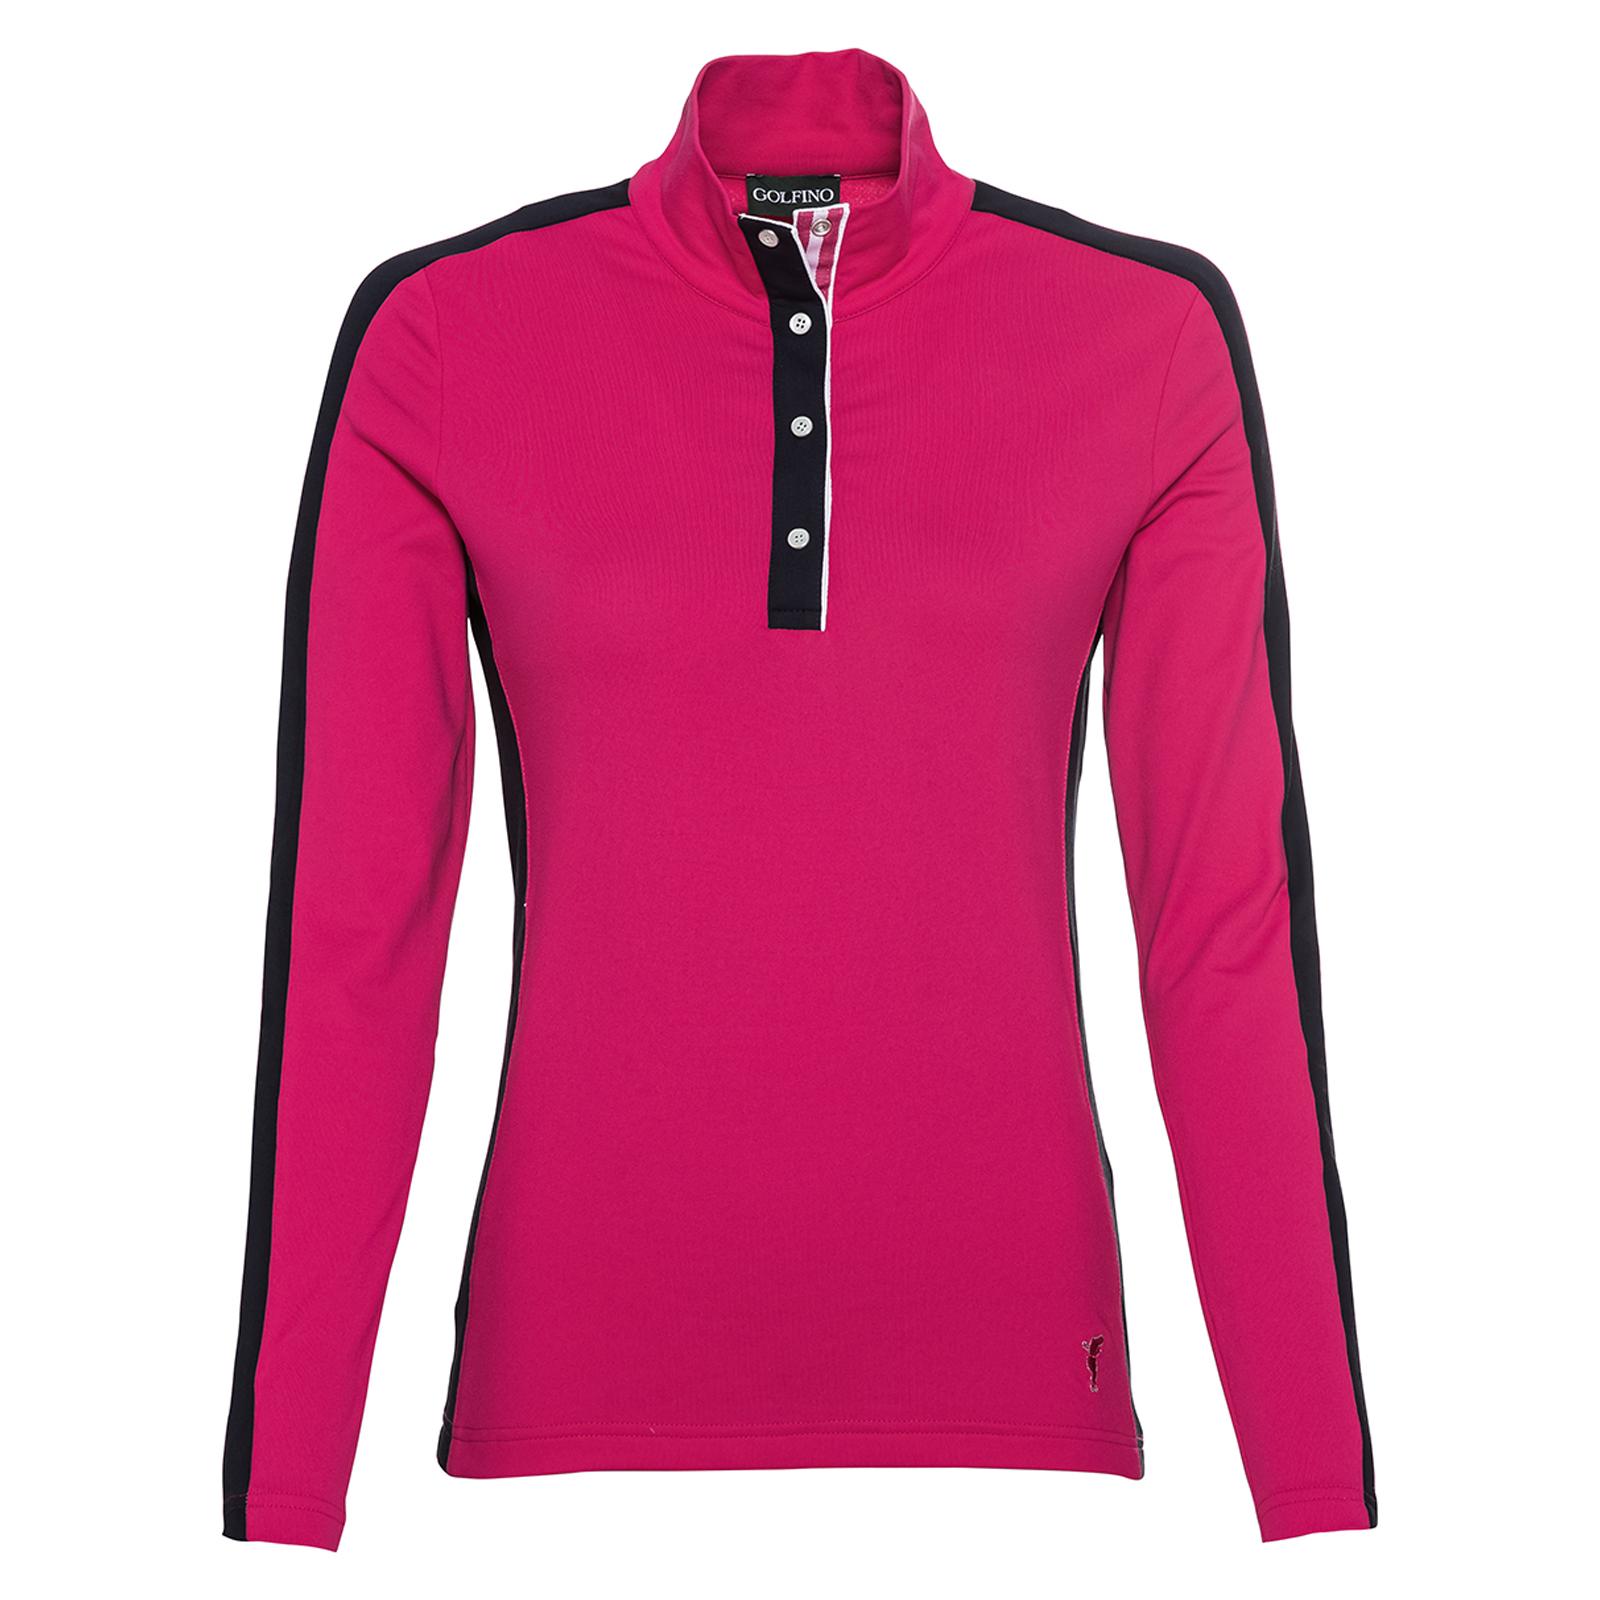 Sportliches Damen Langarm Shirt